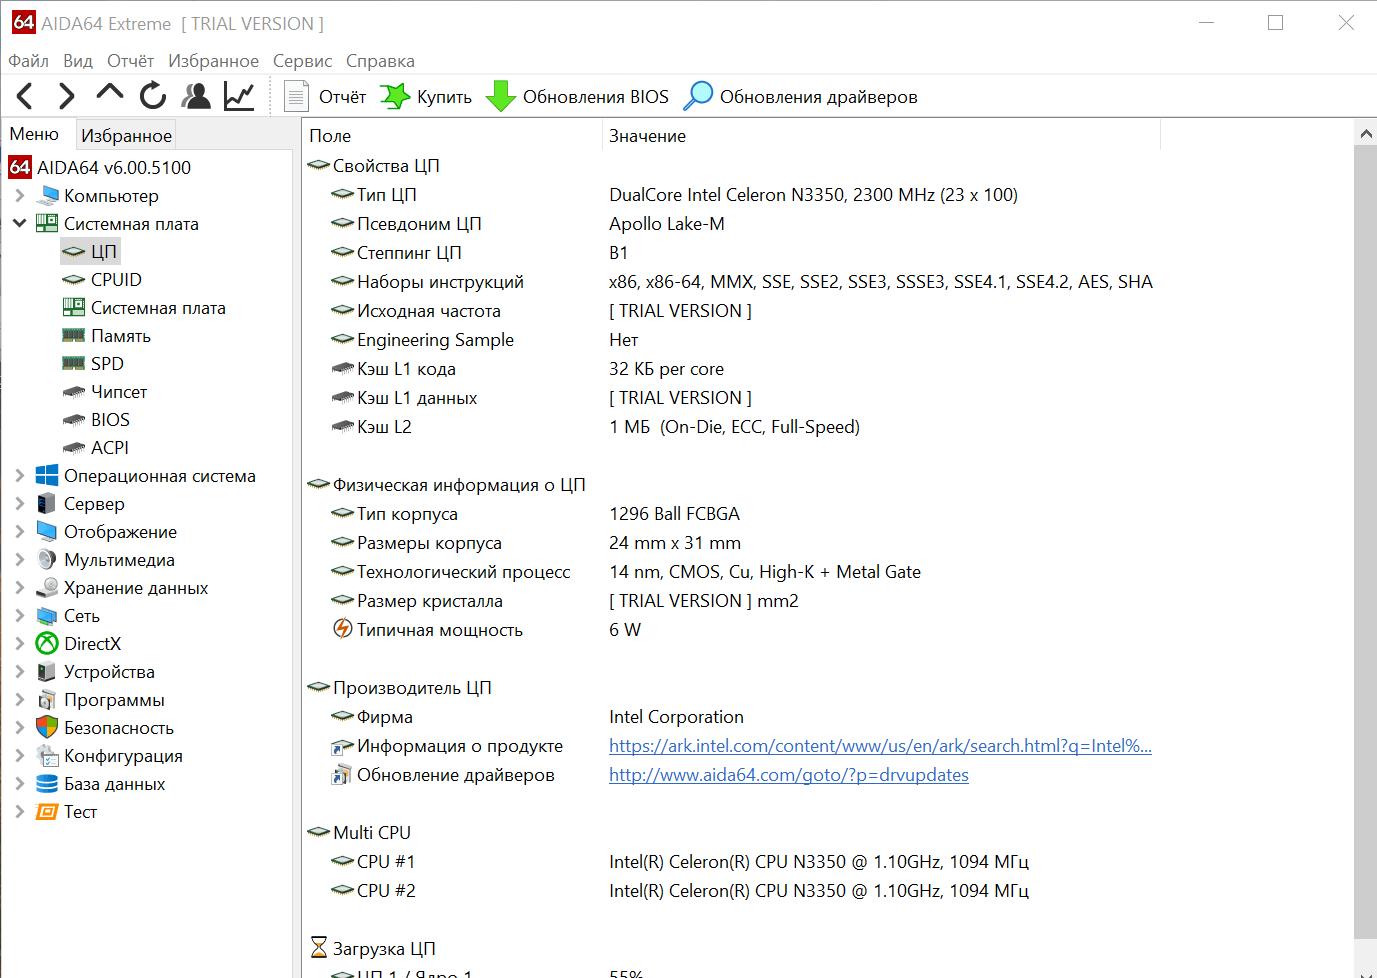 Информация о процессоре в программе AIDA64